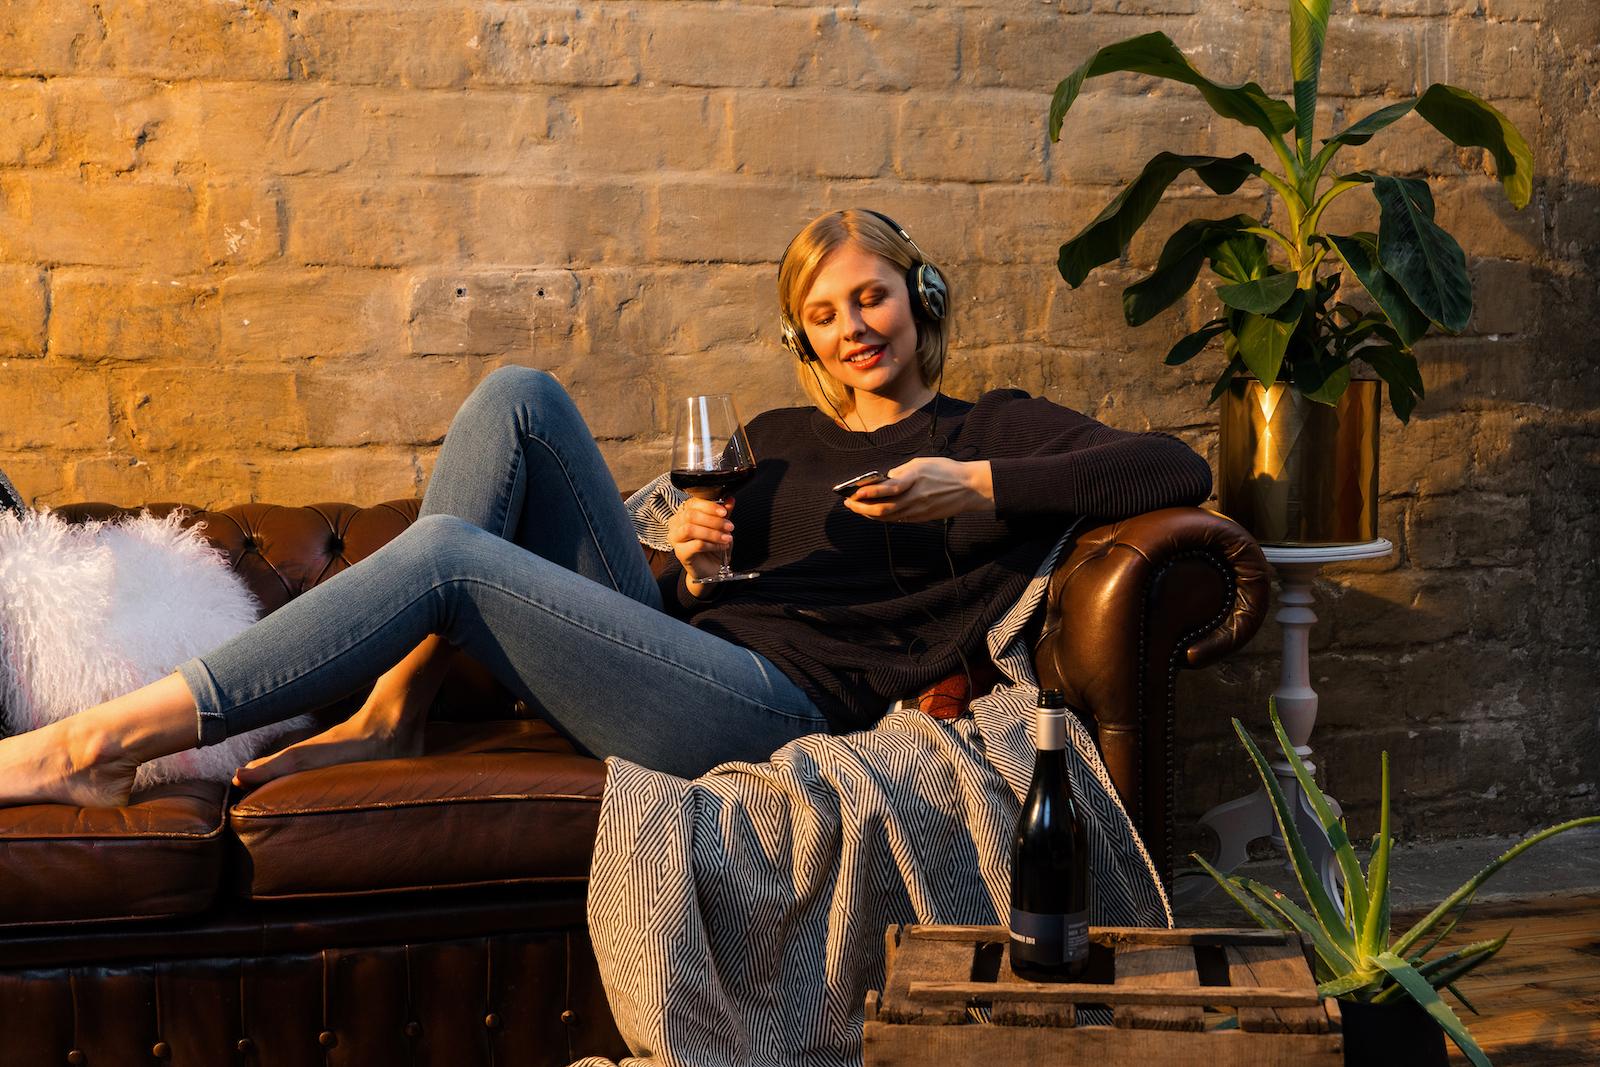 Junge Frau sitzt auf dem Sofa mit einem Glas Rotwein und einem Handy in der Hand.